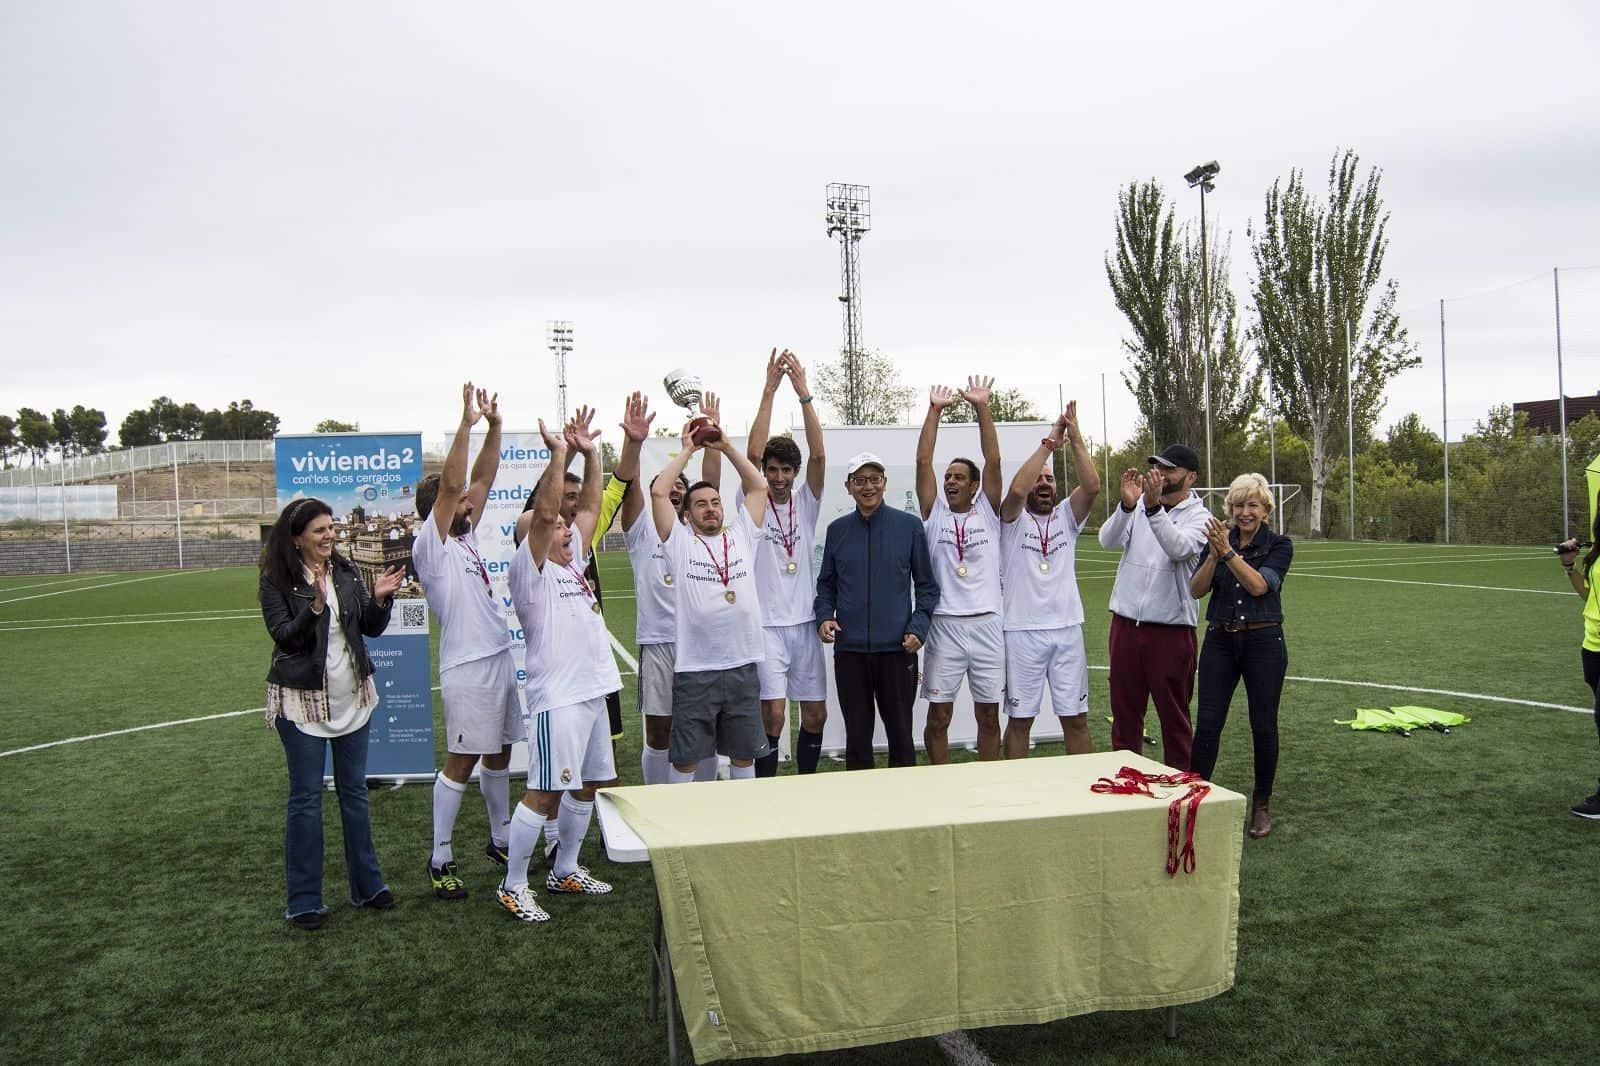 Jugadores celebrando el torneo